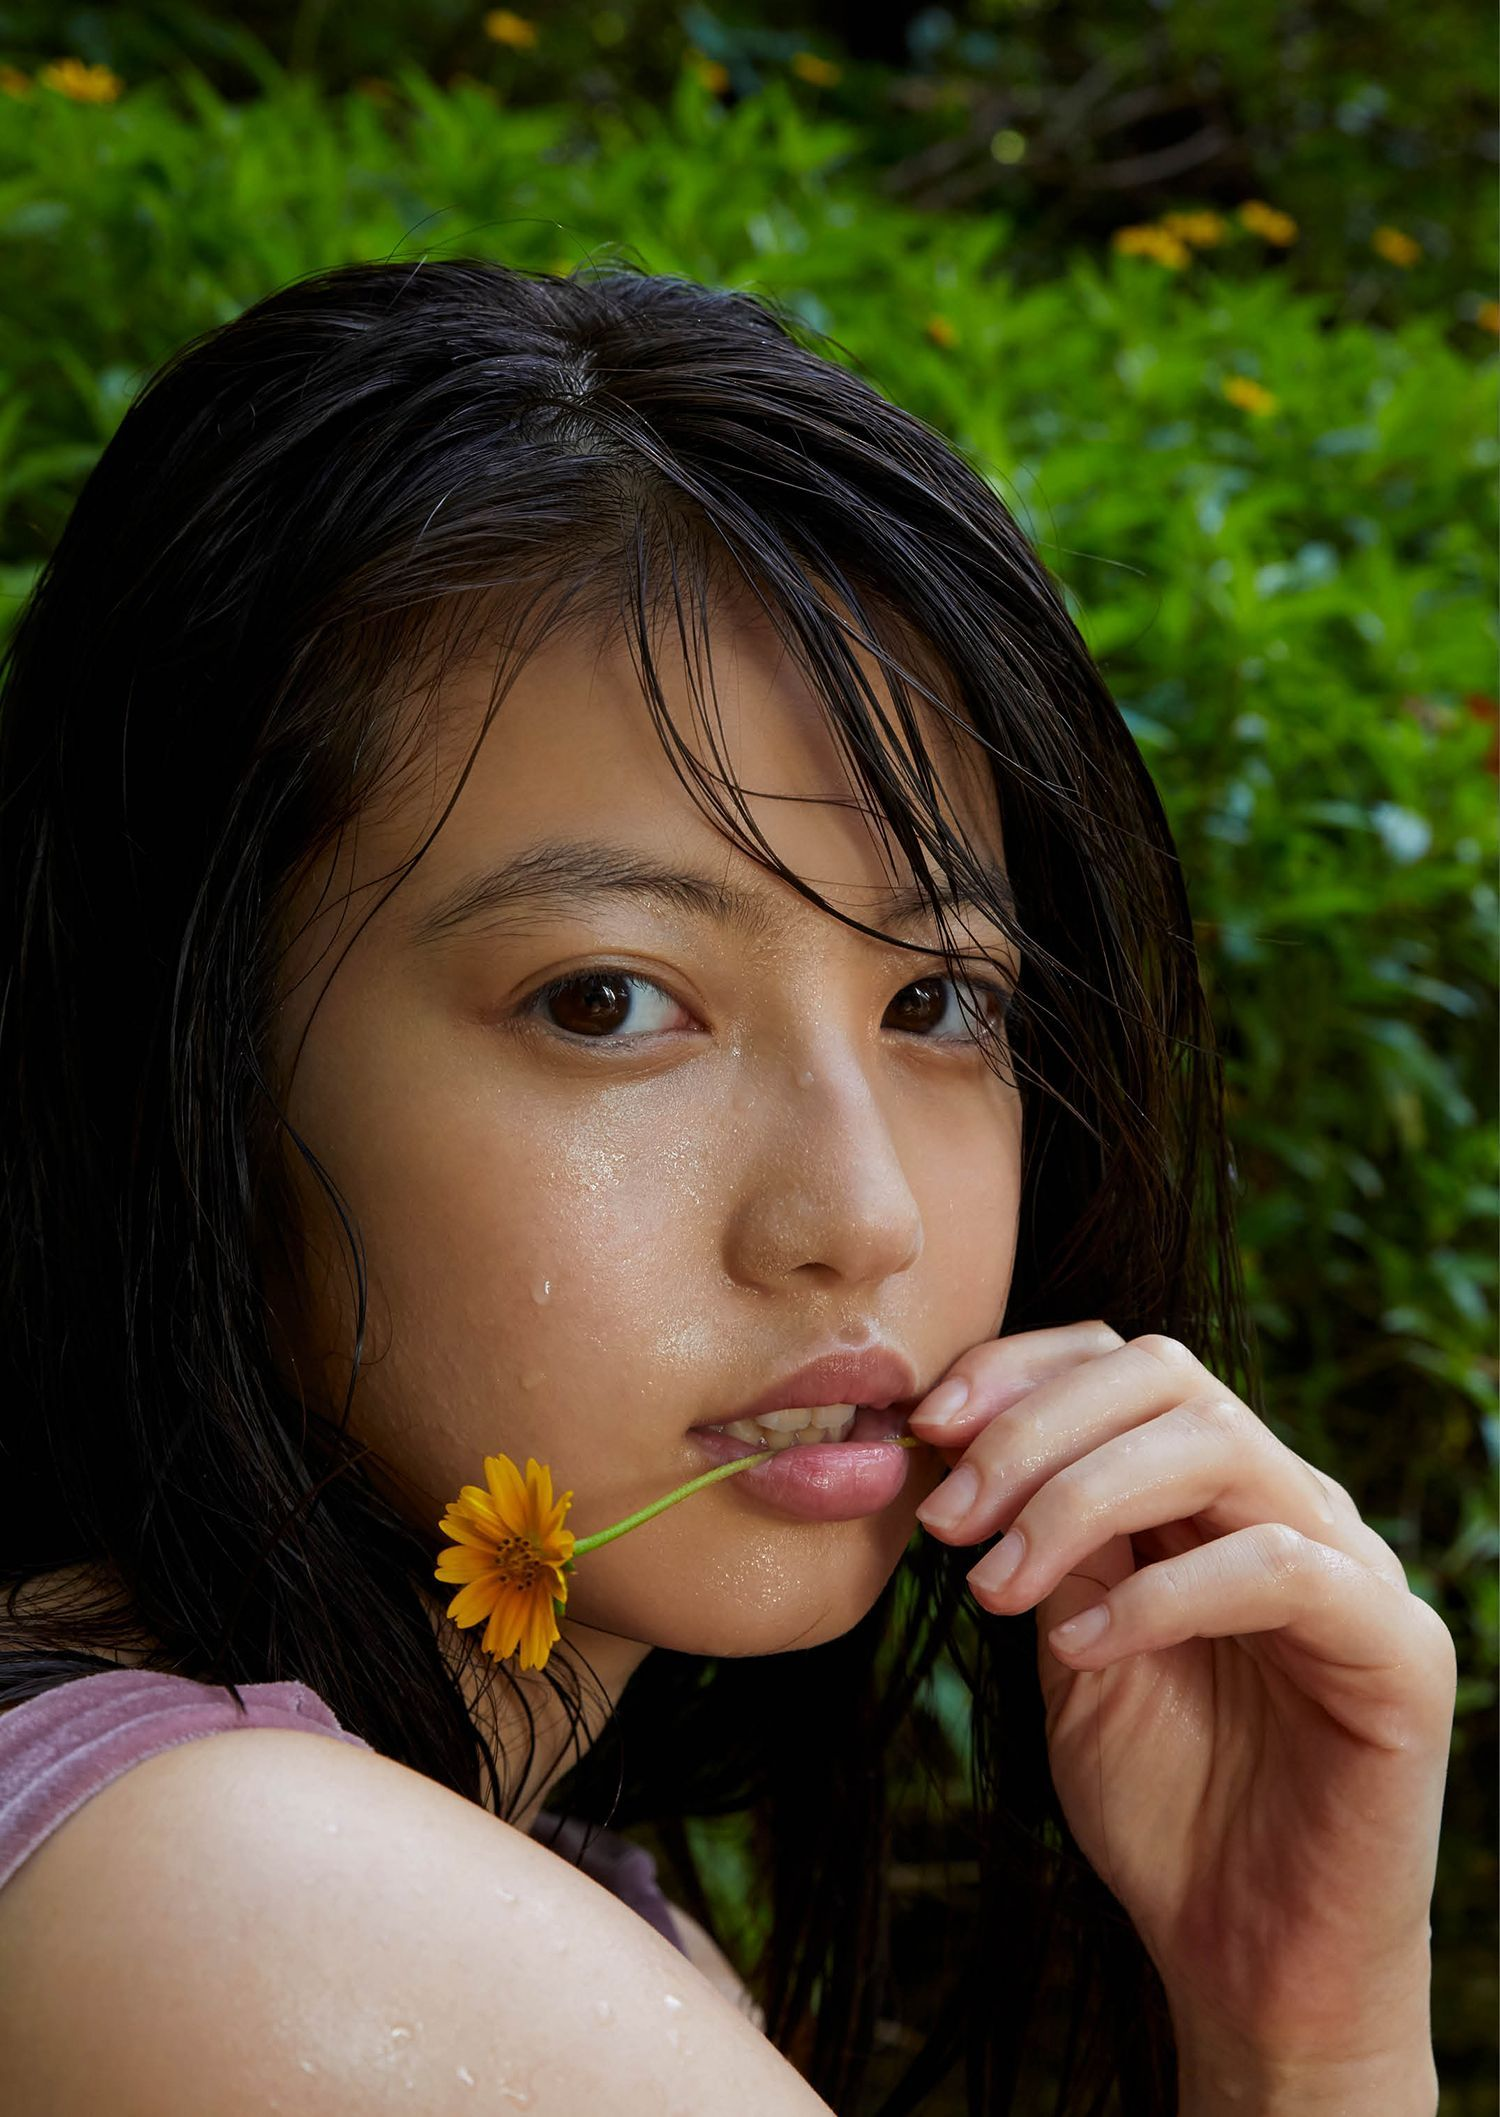 今田美樱 写真集53